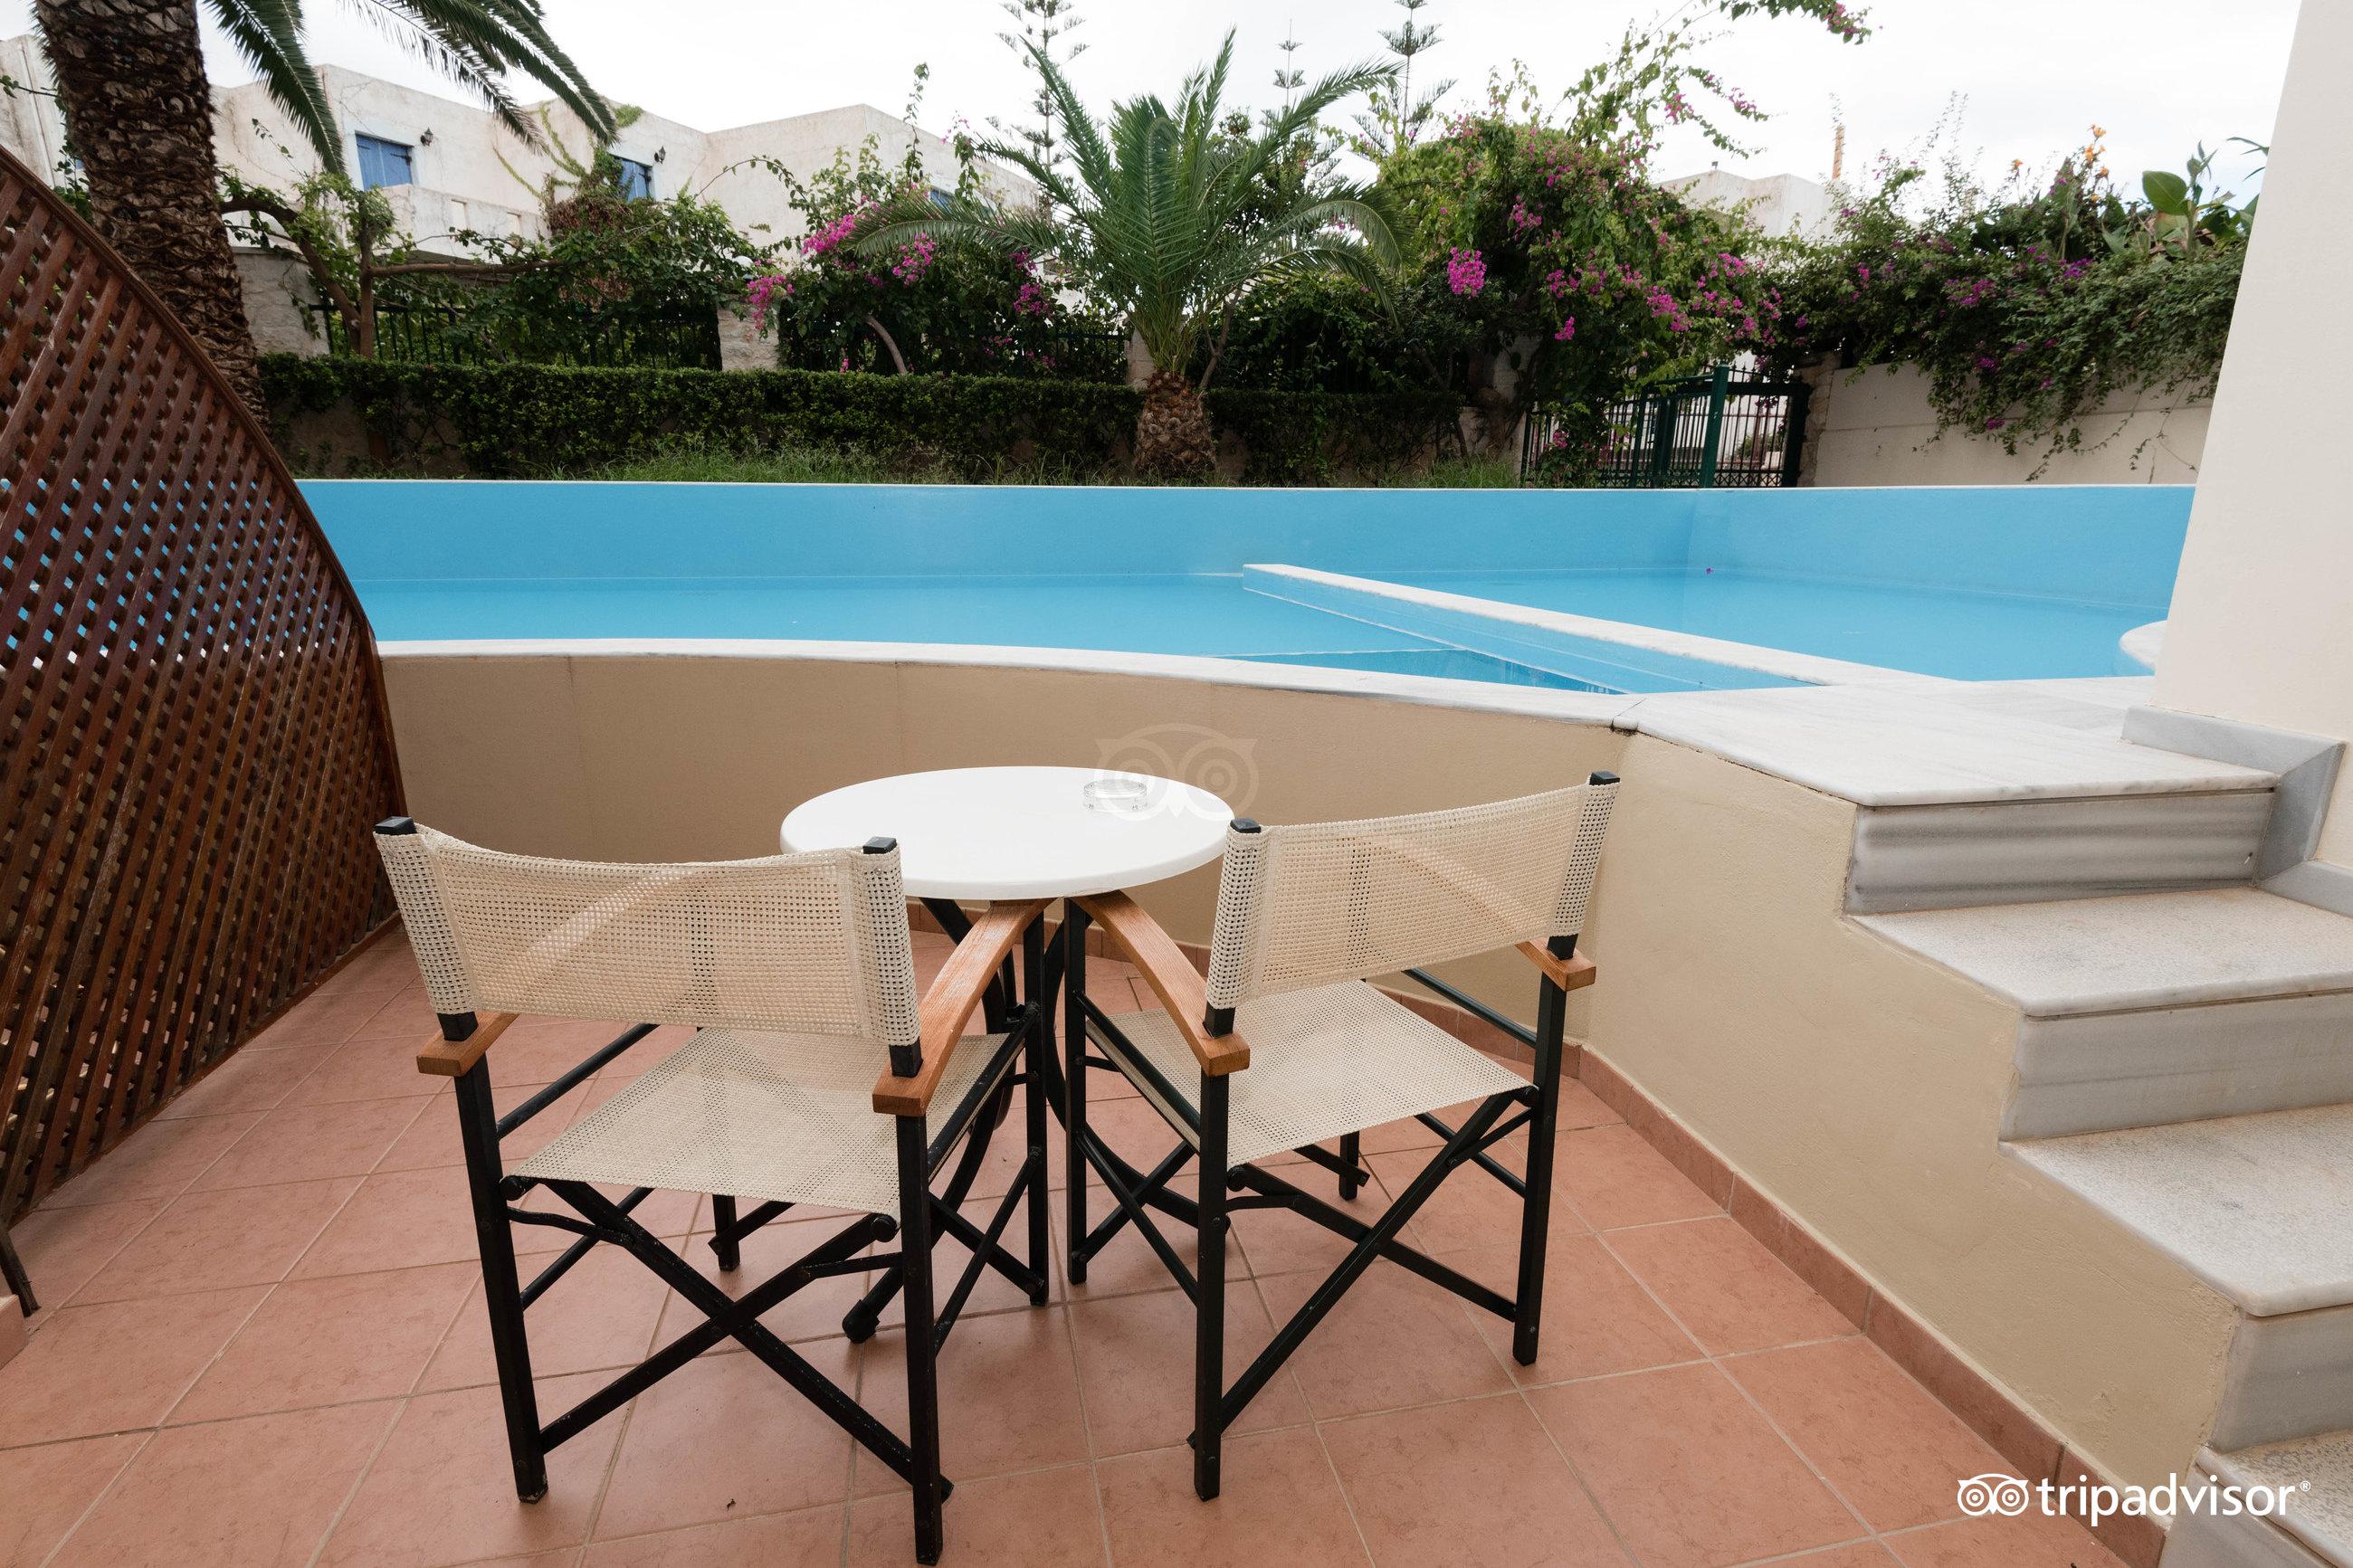 Cameră standard piscină comună